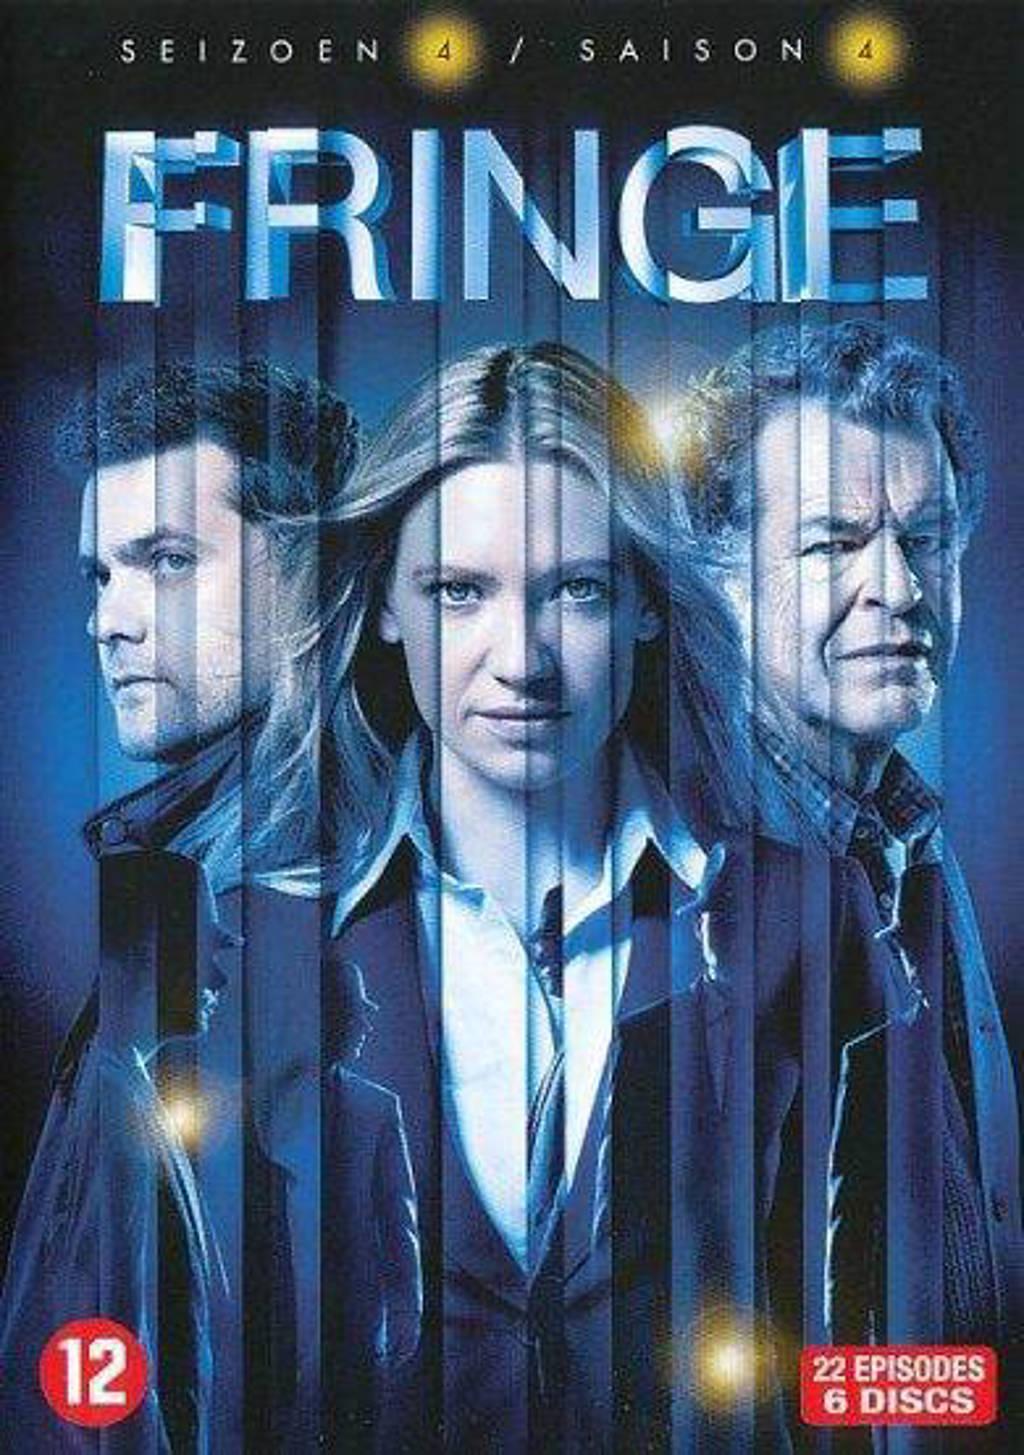 Fringe - Seizoen 4 (DVD)